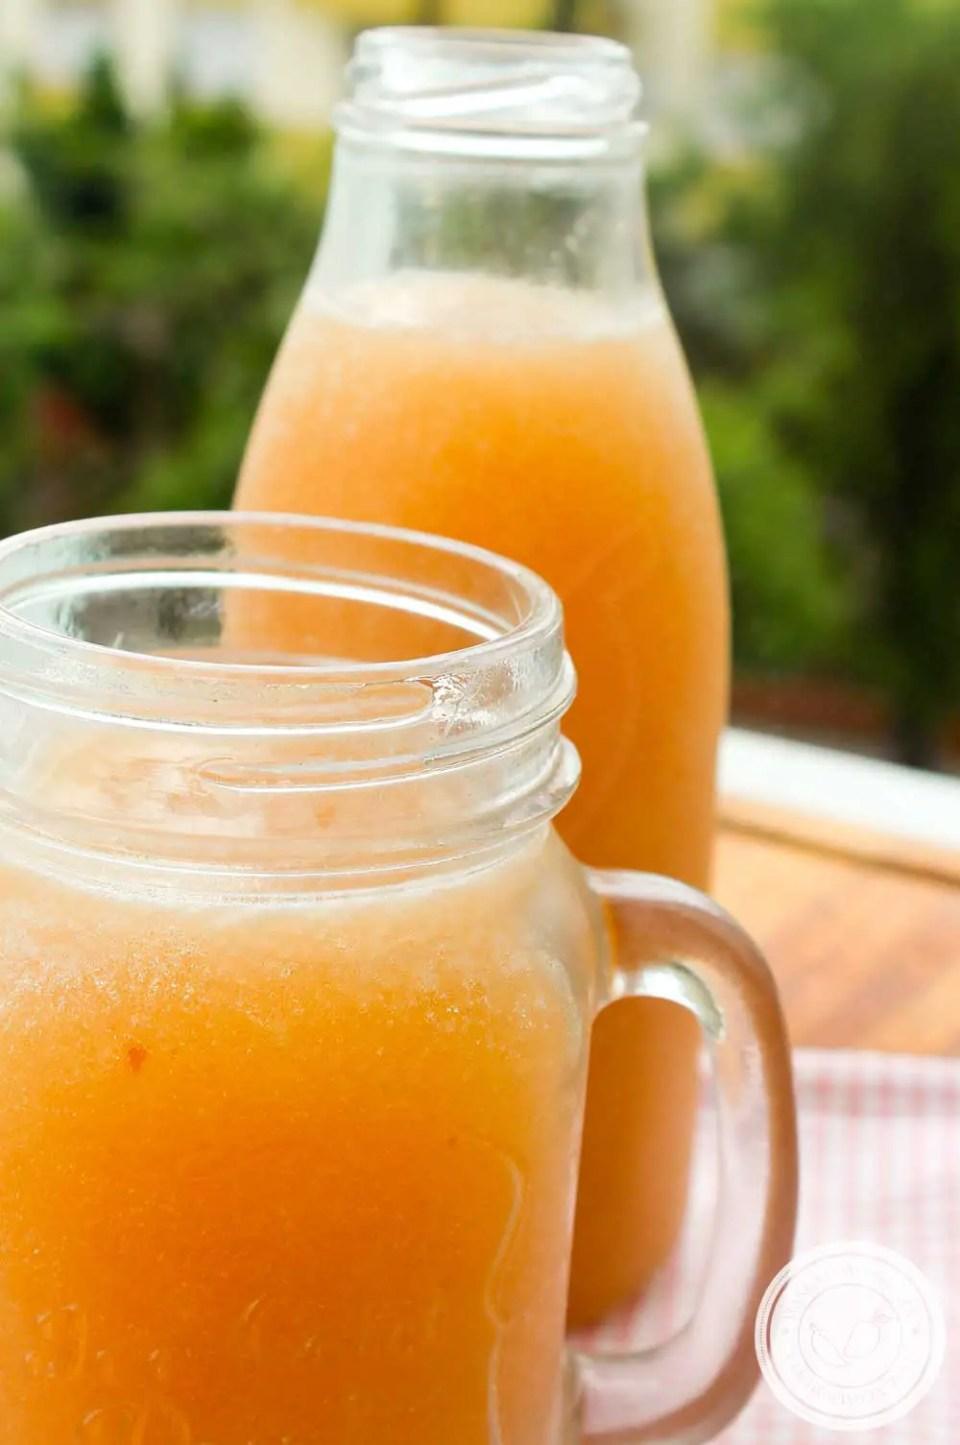 Receita de Limonada de Pêssego - uma bebida refrescante para os dias quentes de verão.